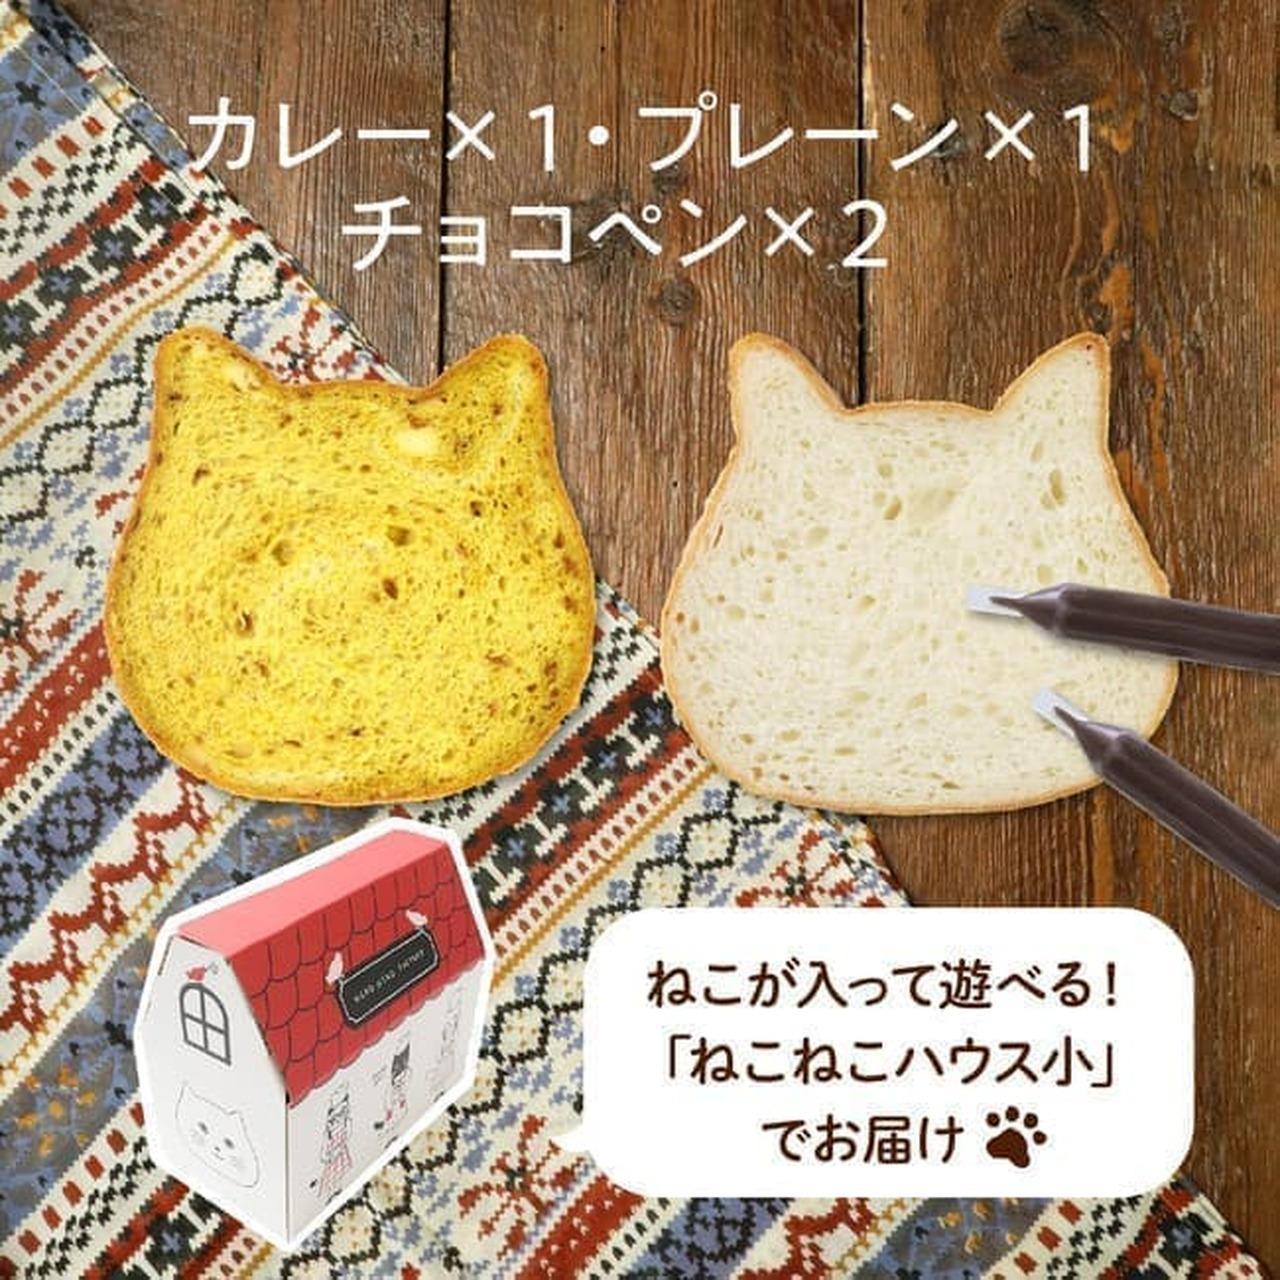 ねこねこ食パン(カレー&プレーン)